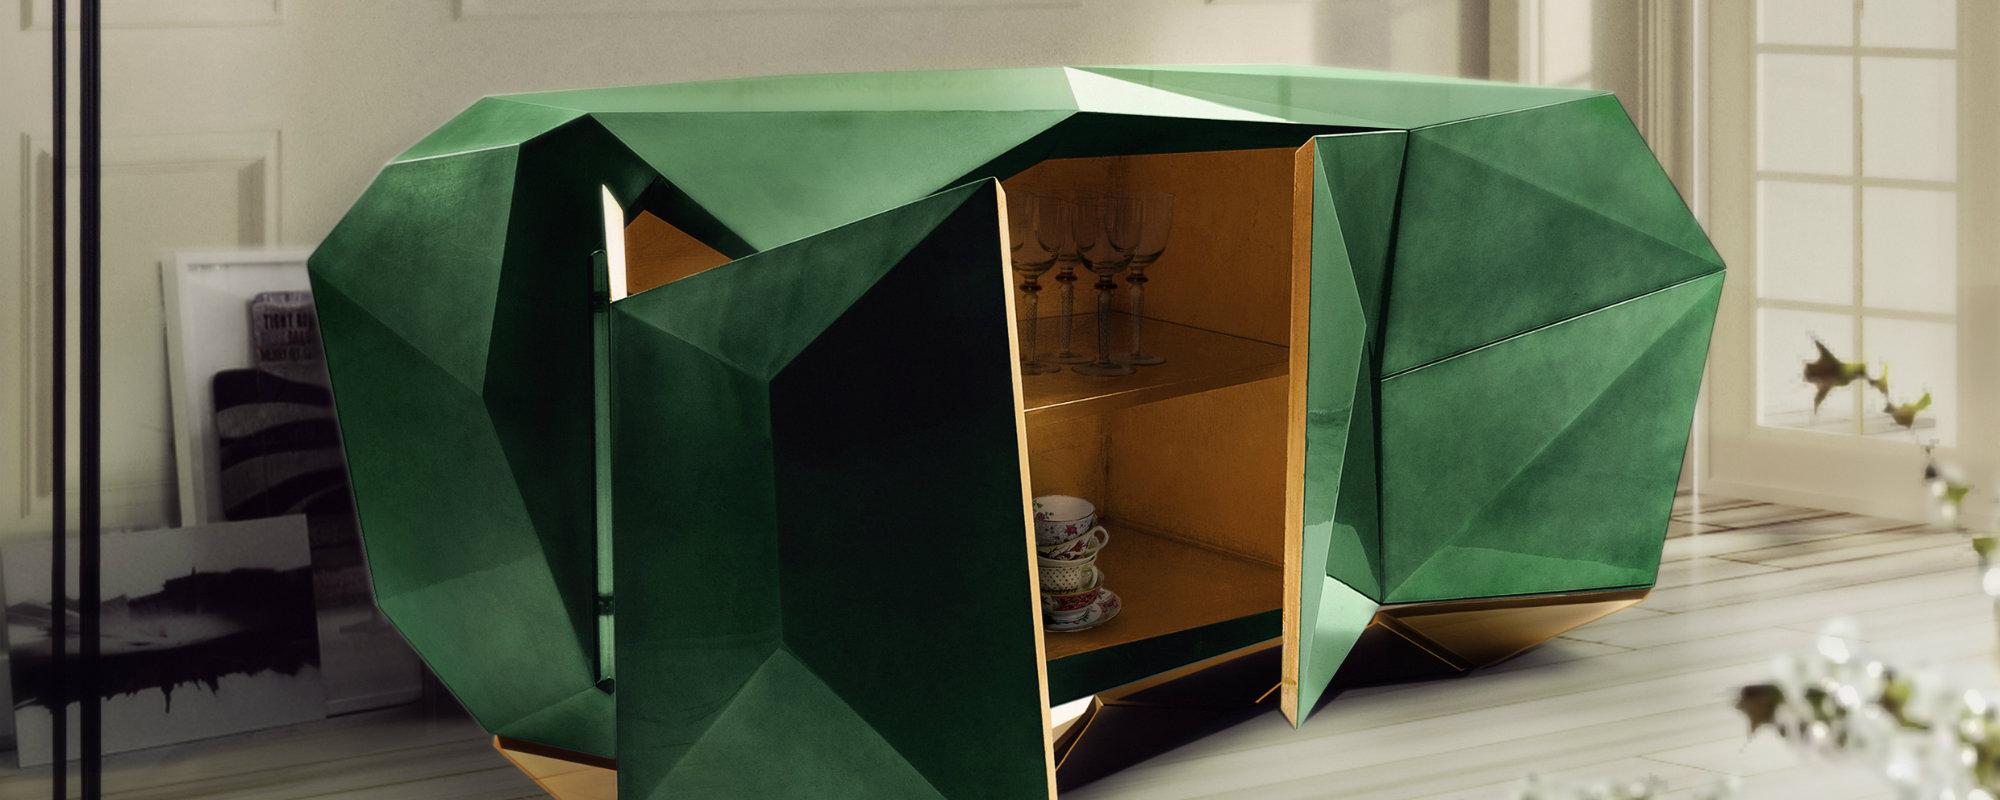 Ideas para Decorar: Aparadores coloridos para una sala de estar ideas para decorar Ideas para Decorar: Aparadores coloridos para una sala de estar Featured 3